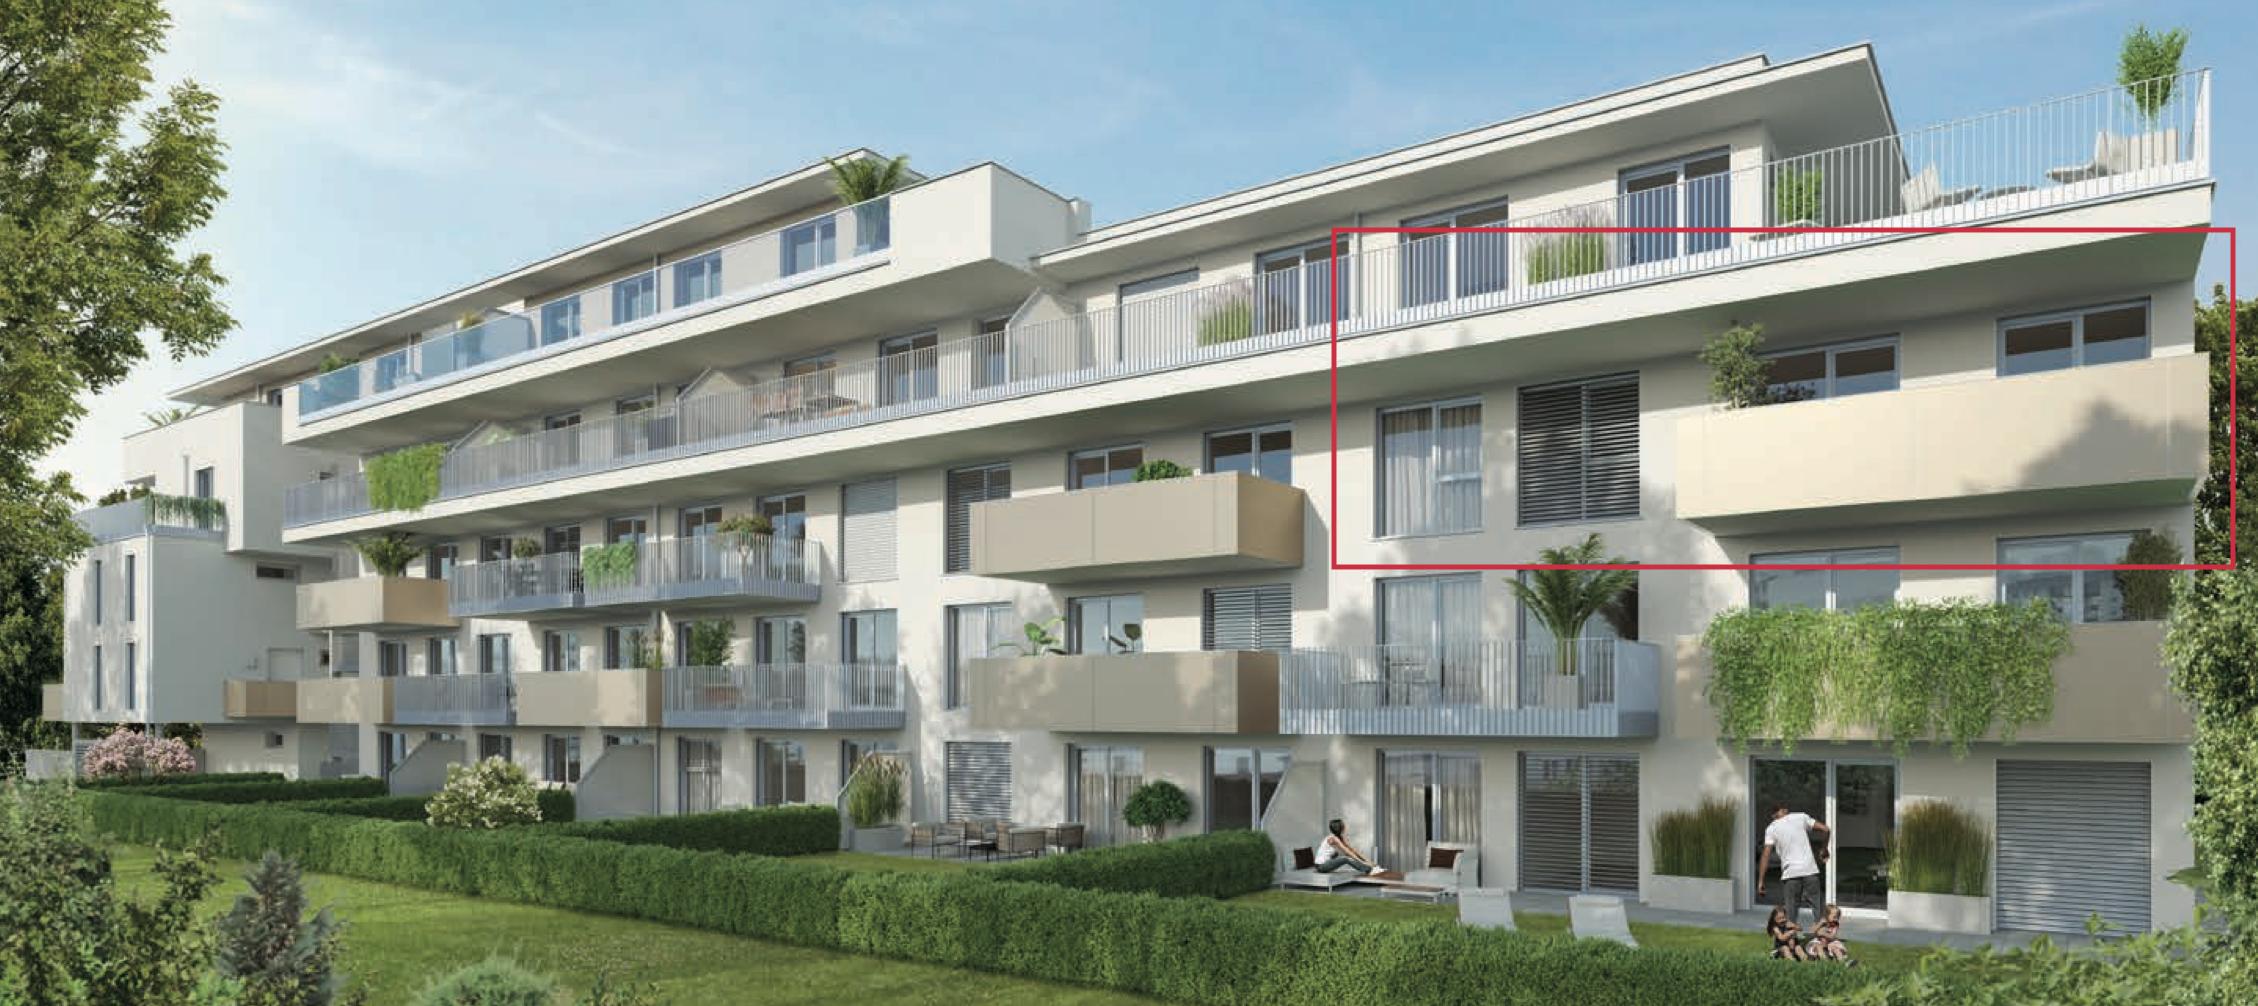 ERSTBEZUG! Neubau-Eigentumswohnung in zentraler Lage!